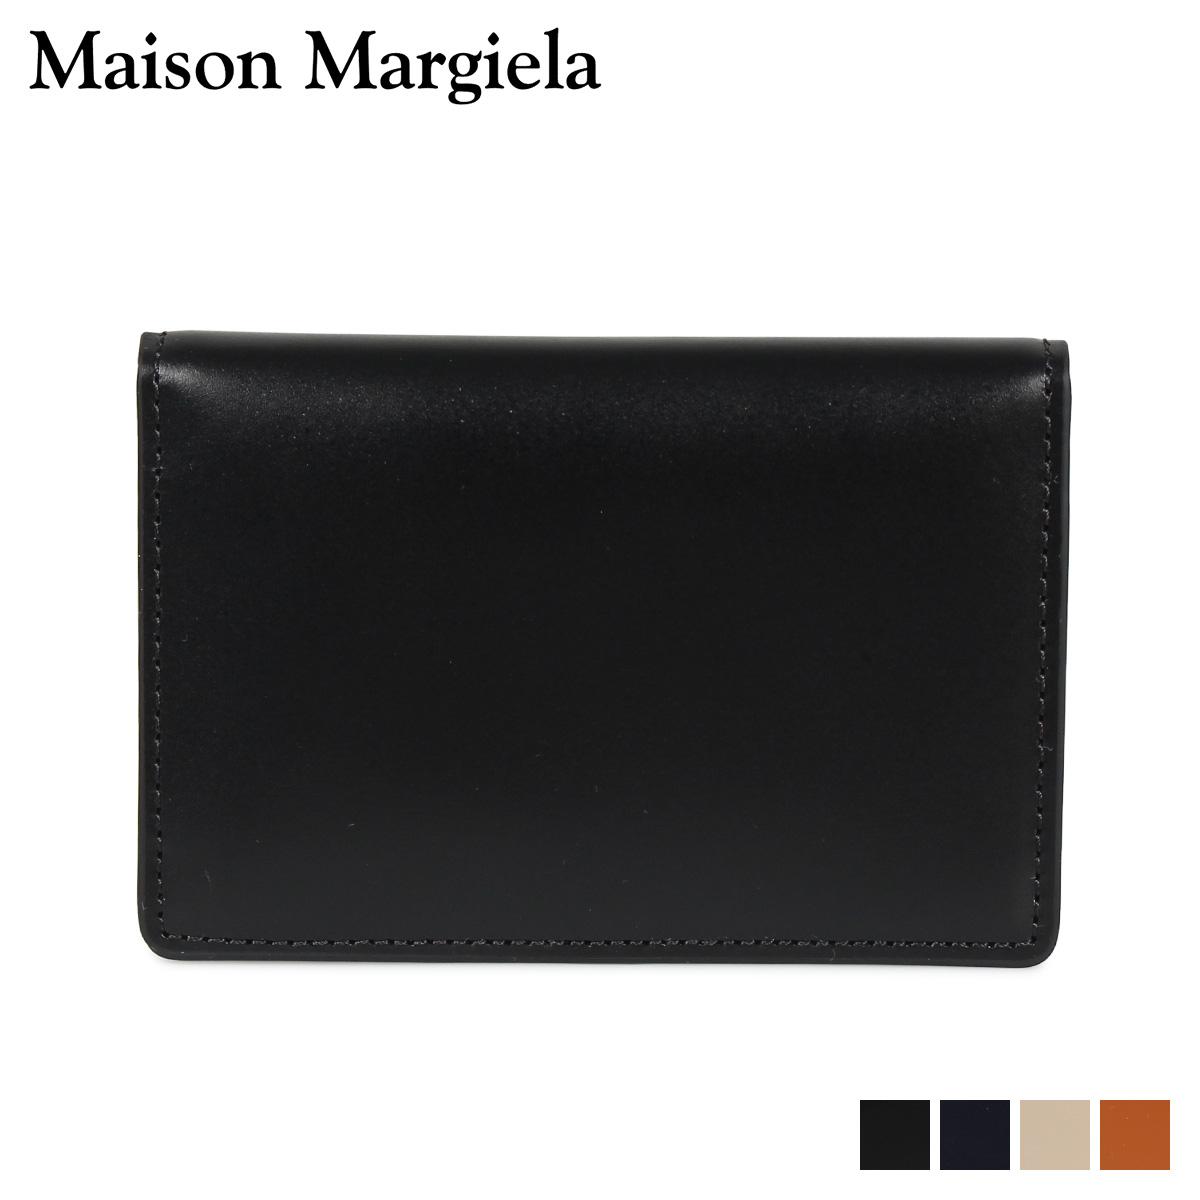 MAISON MARGIELA CARD CASE メゾンマルジェラ カードケース 名刺入れ 定期入れ メンズ レディース レザー ブラック ダーク ネイビー ベージュ ブラウン 黒 S55UI0201 P2714 [10/9 新入荷]